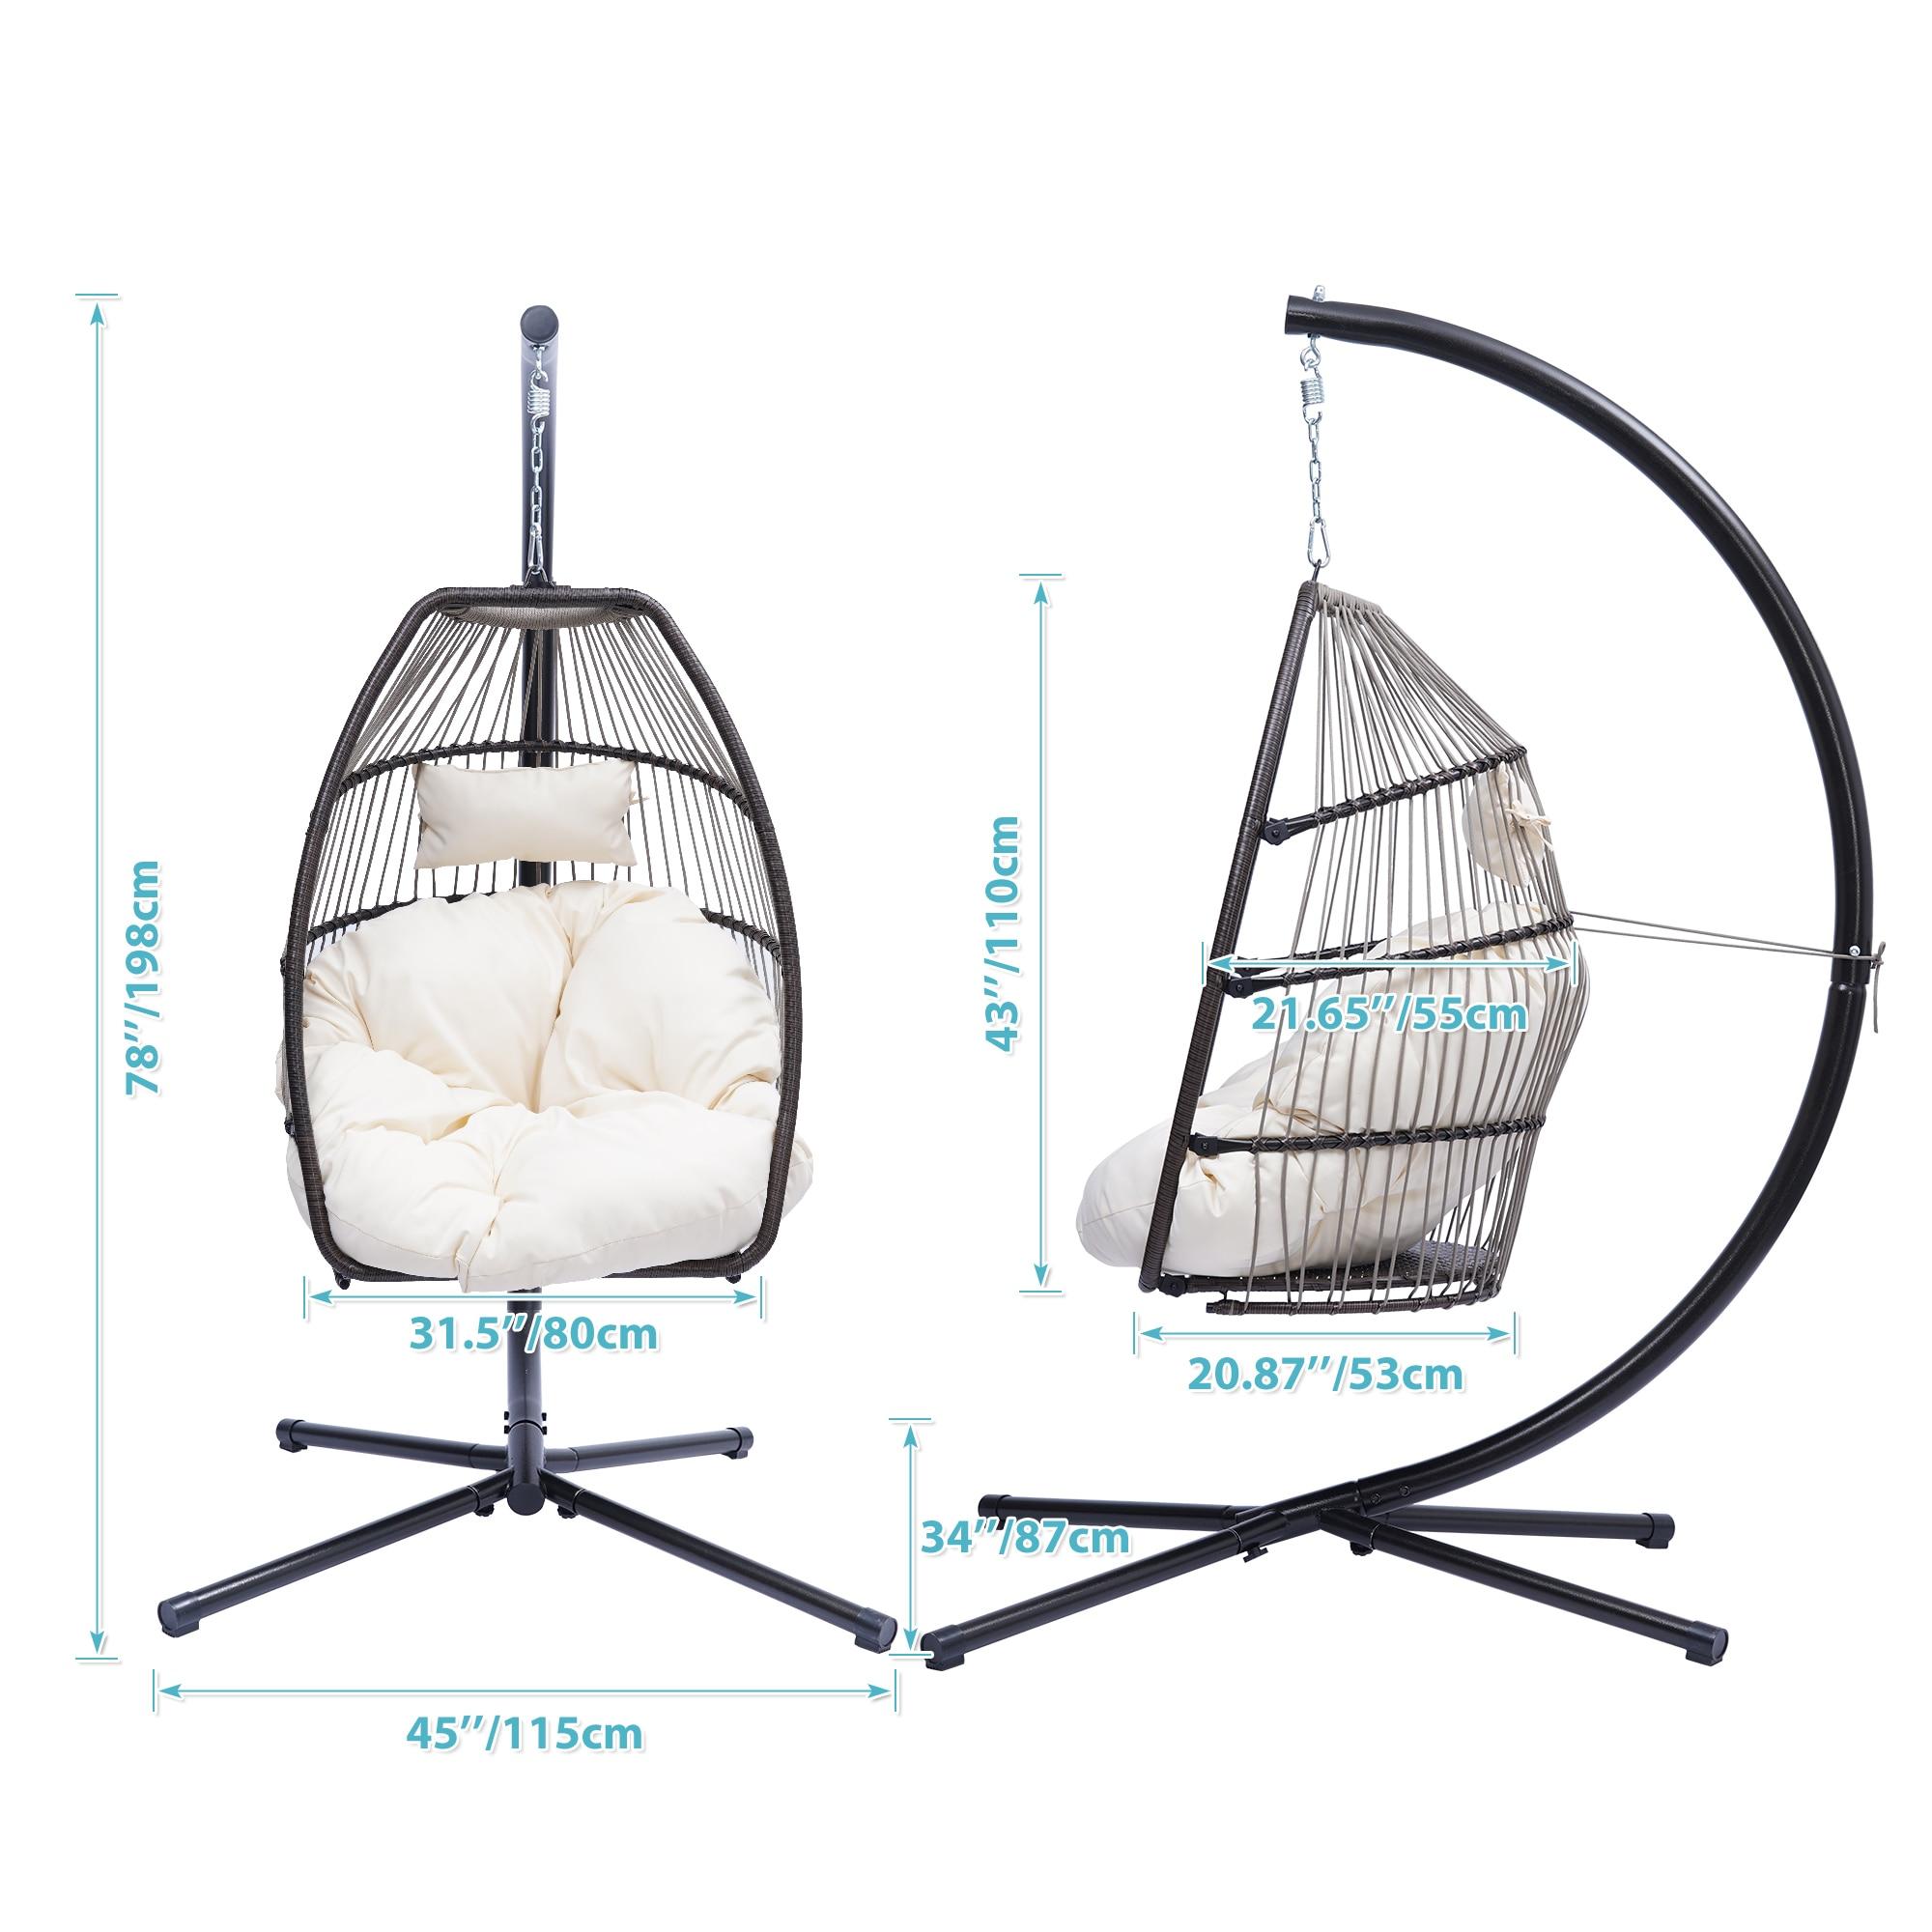 في الهواء الطلق الخوص للطي كرسي معلق الروطان أرجوحة أرجوحة كرسي على شكل بيضة مع C نوع قوس حديقة كرسي